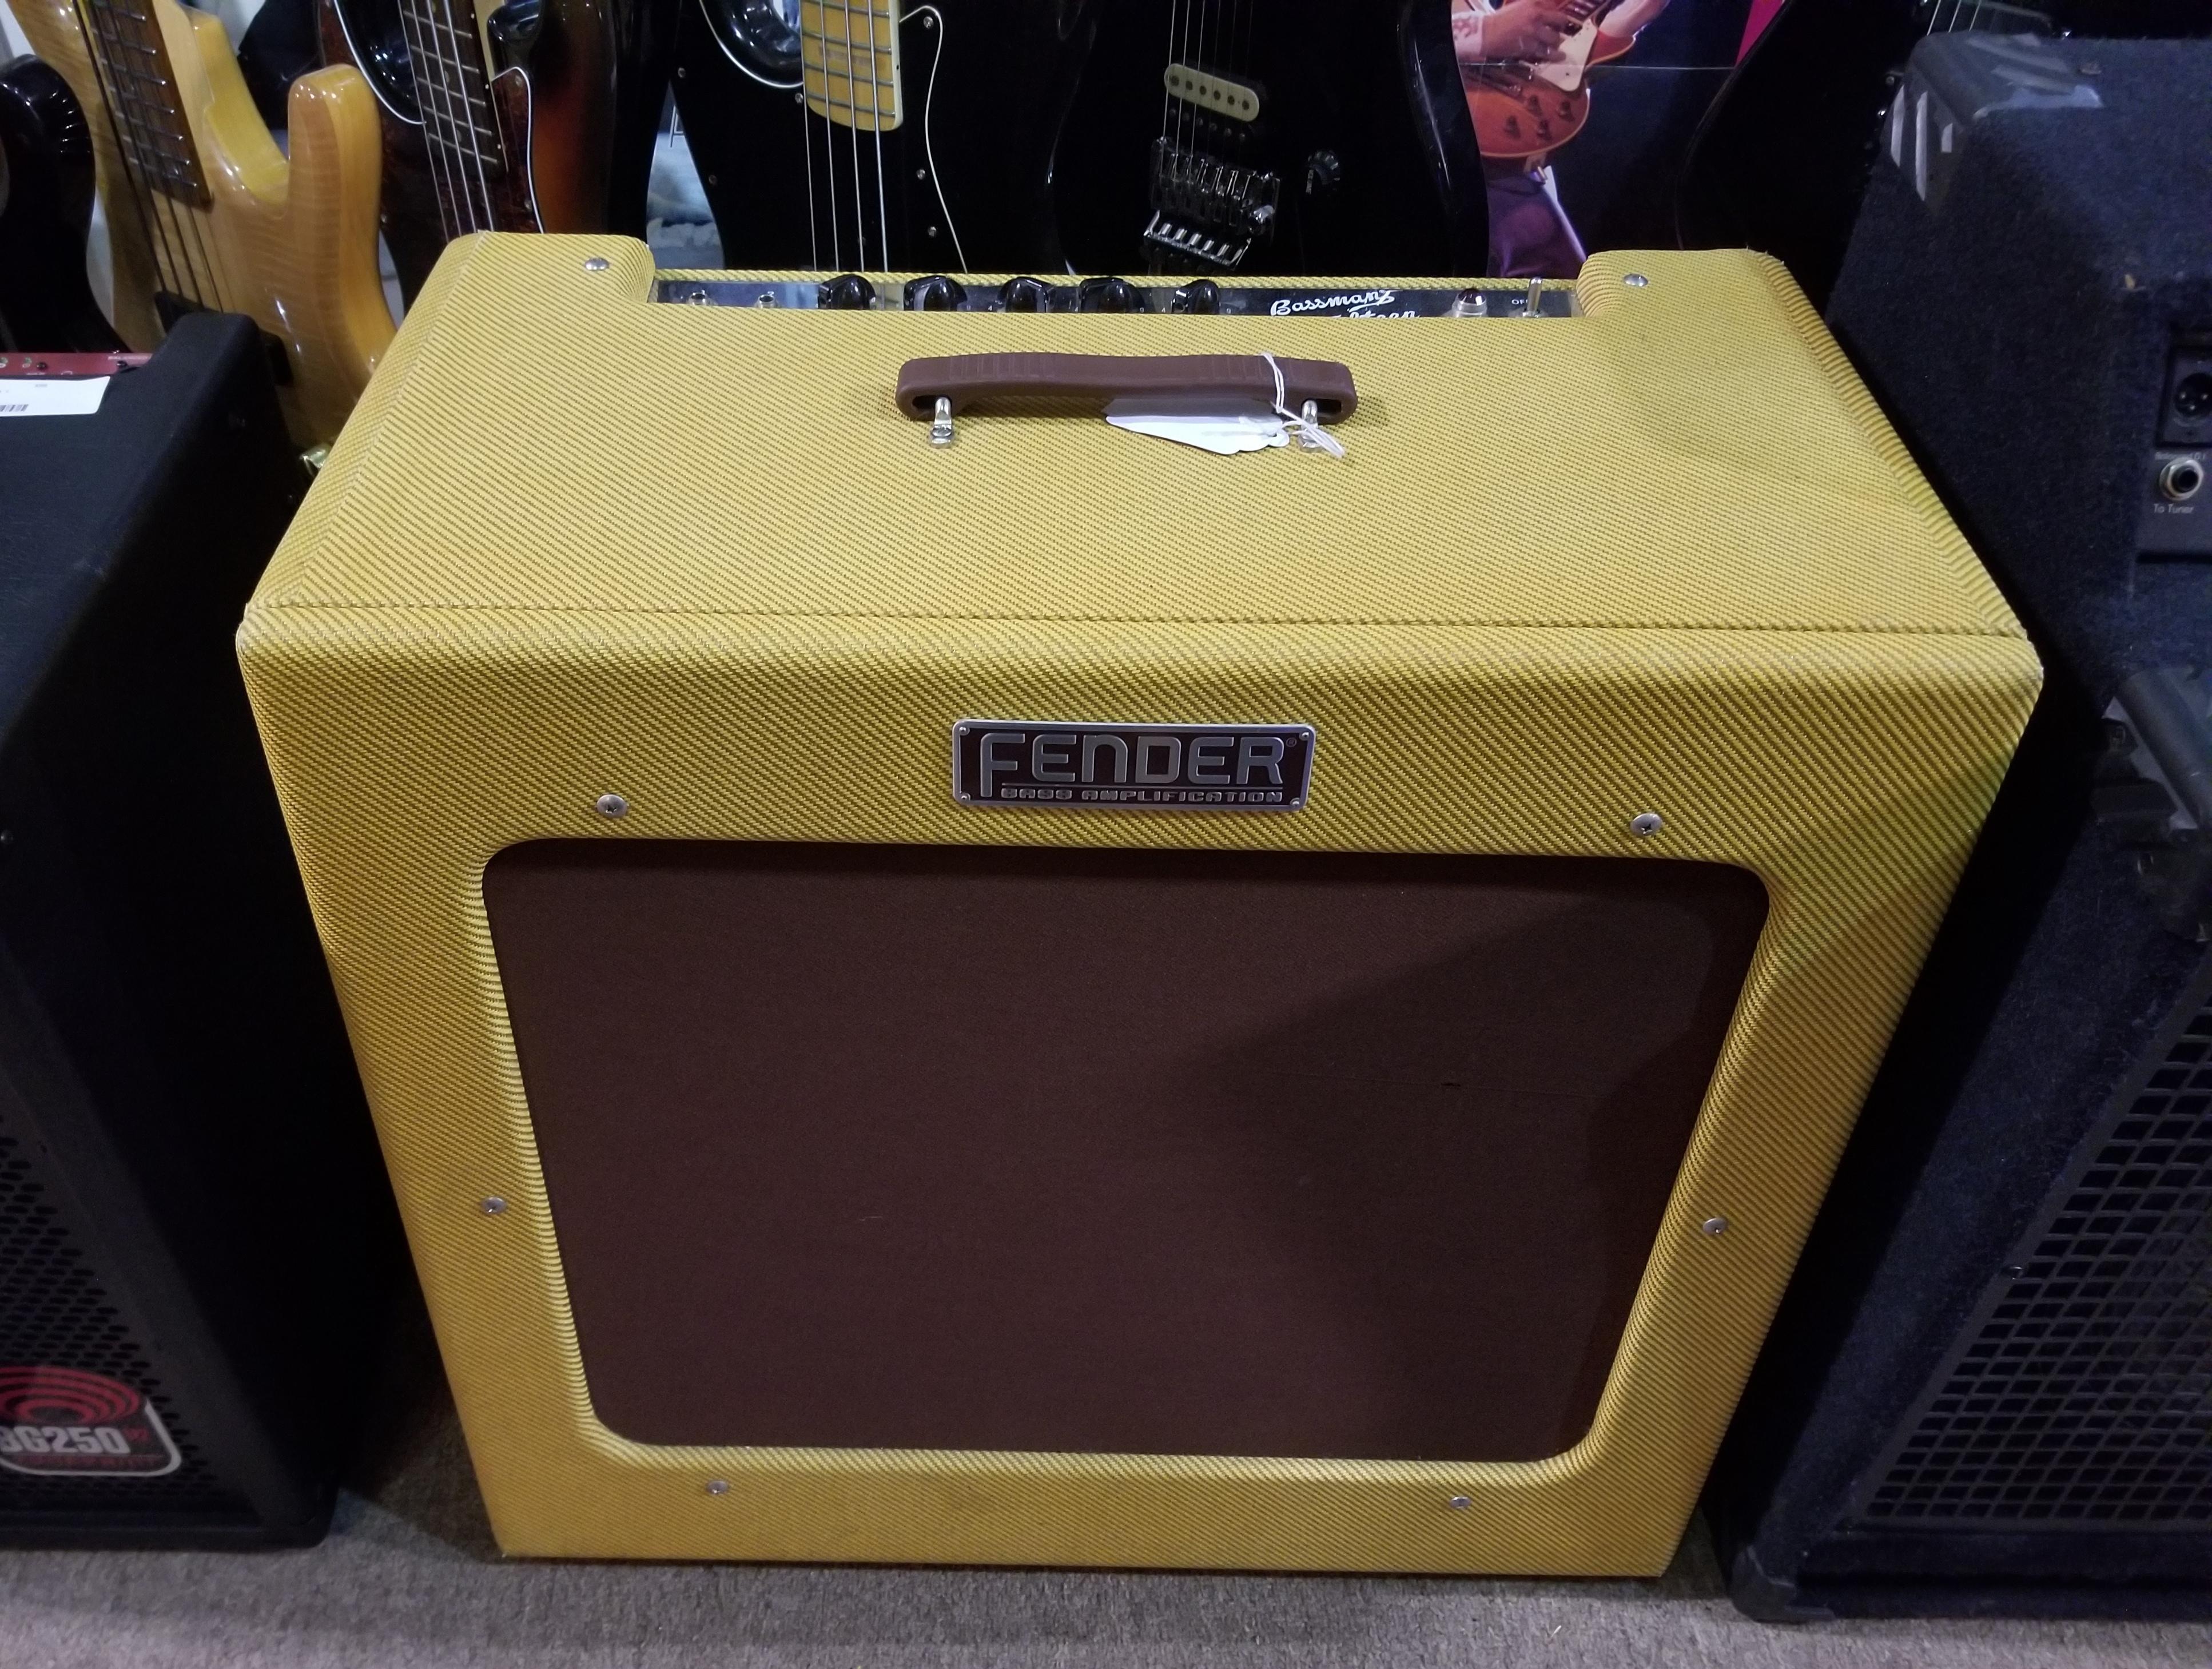 FENDER Bassman TV Fifteen 350-Watt Bass Combo Amp - Local Pickup Only!